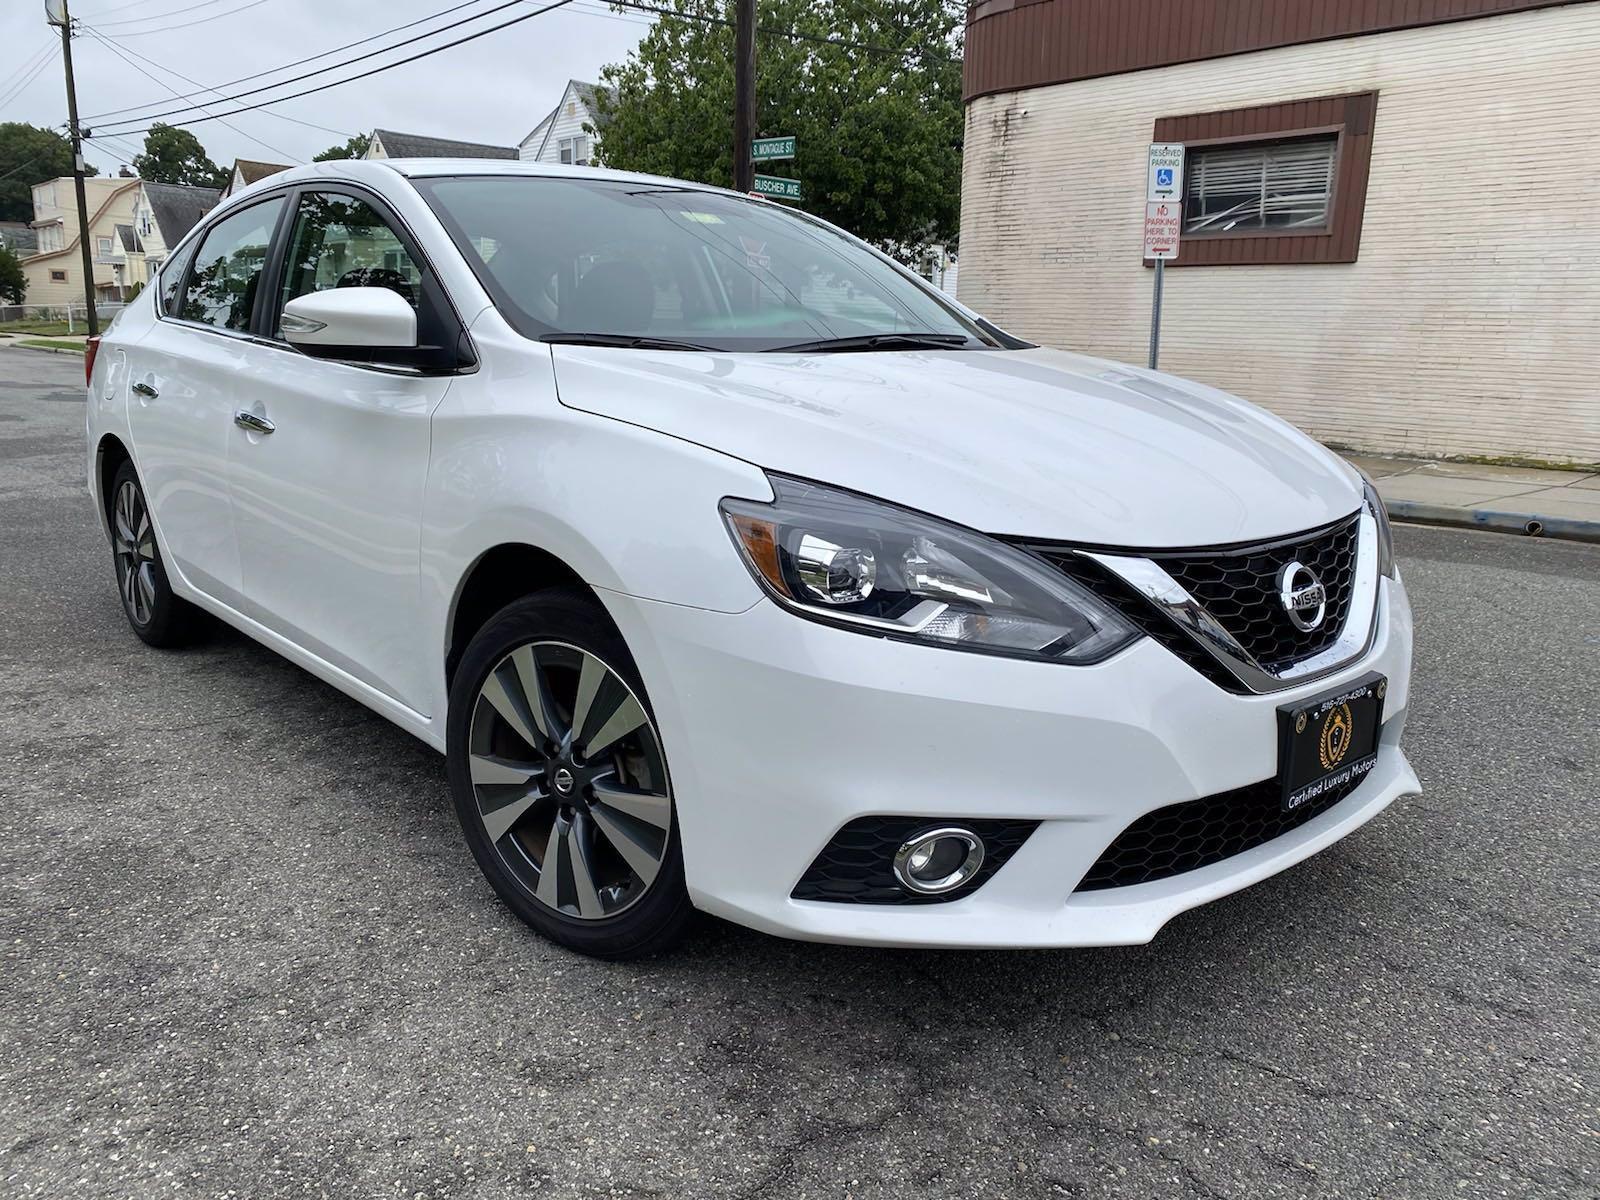 Used-2017-Nissan-Sentra-SL